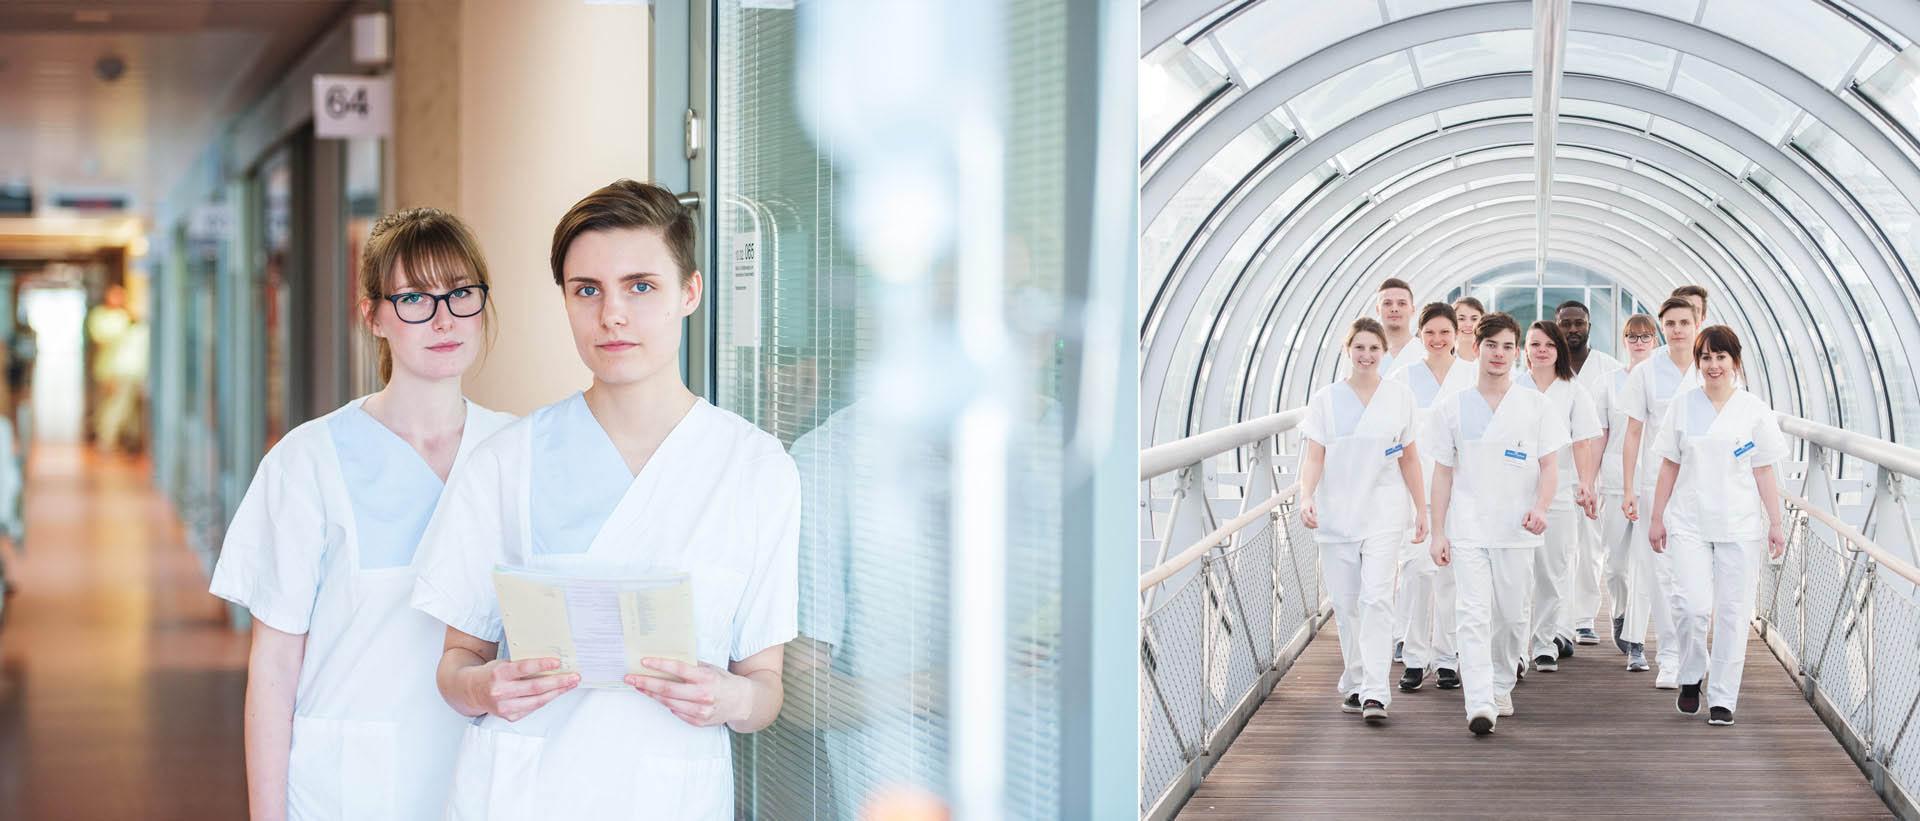 Ausbildungskampagne Klinikum Nürnberg - konzipiert und realisiert von REINGOLD